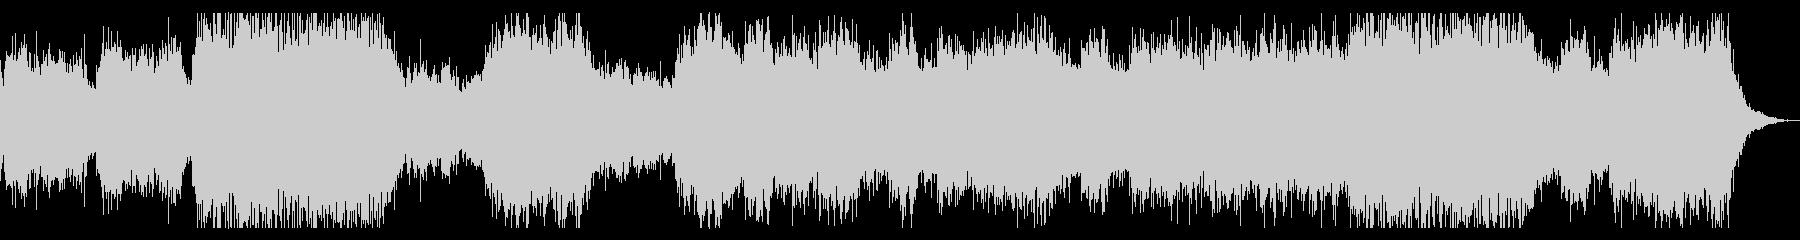 ミステリアスなコーラス主体のBGMの未再生の波形